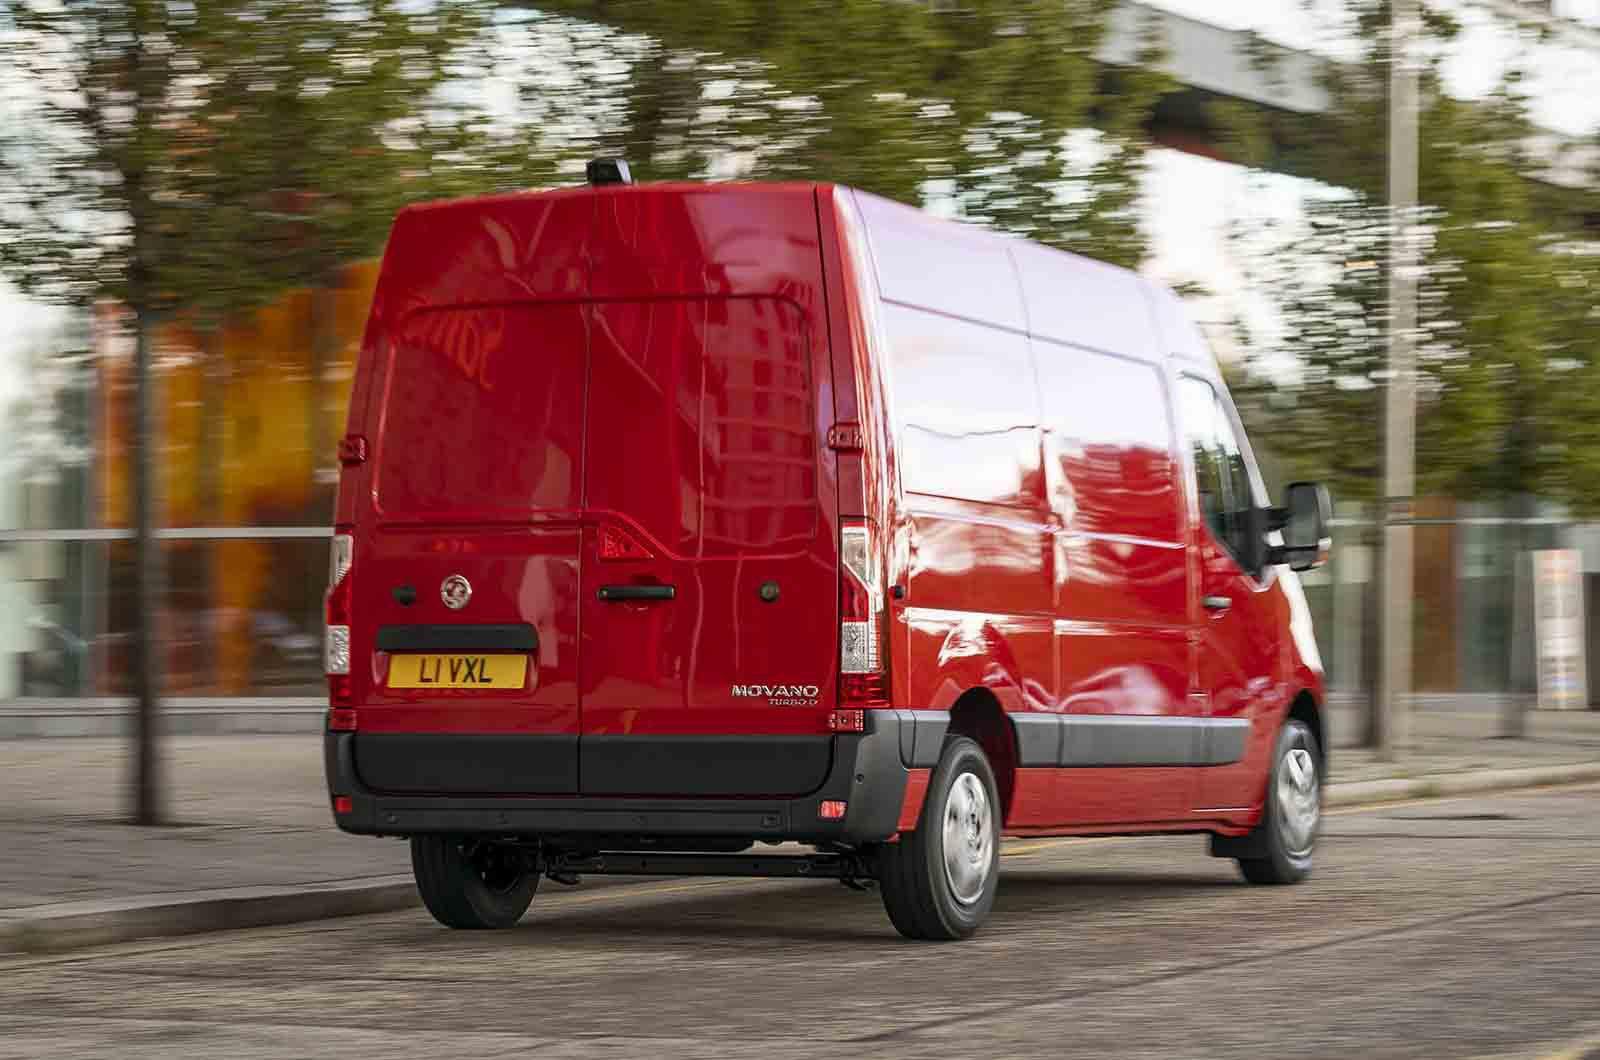 Vauxhall Movano rear action photo